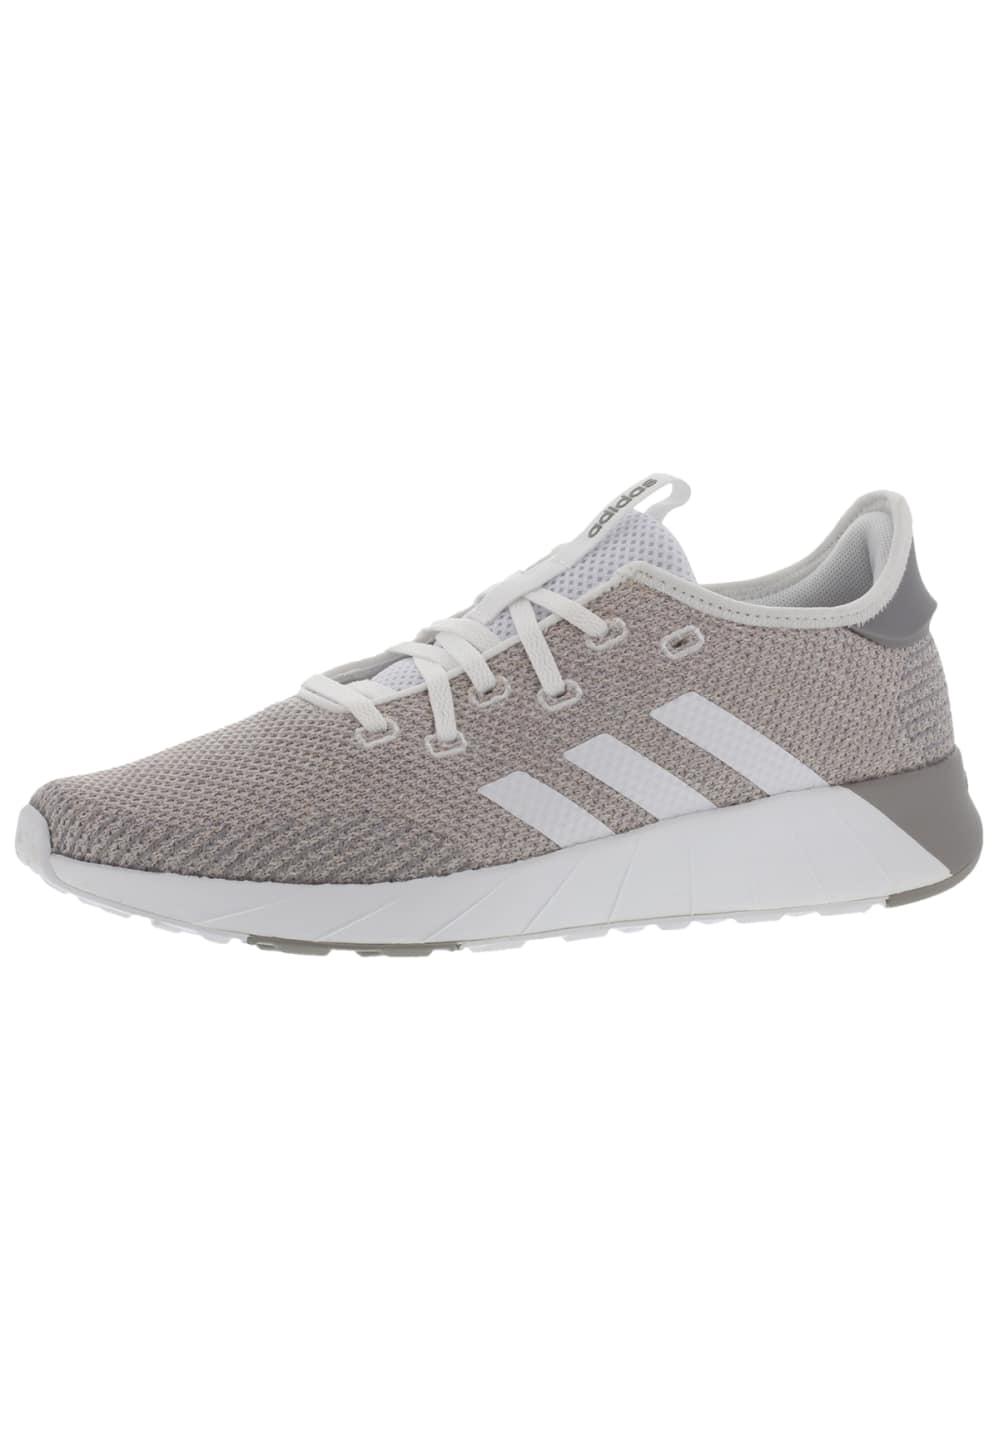 Questar Für X Laufschuhe Byd Grau Adidas Damen DWE2H9I